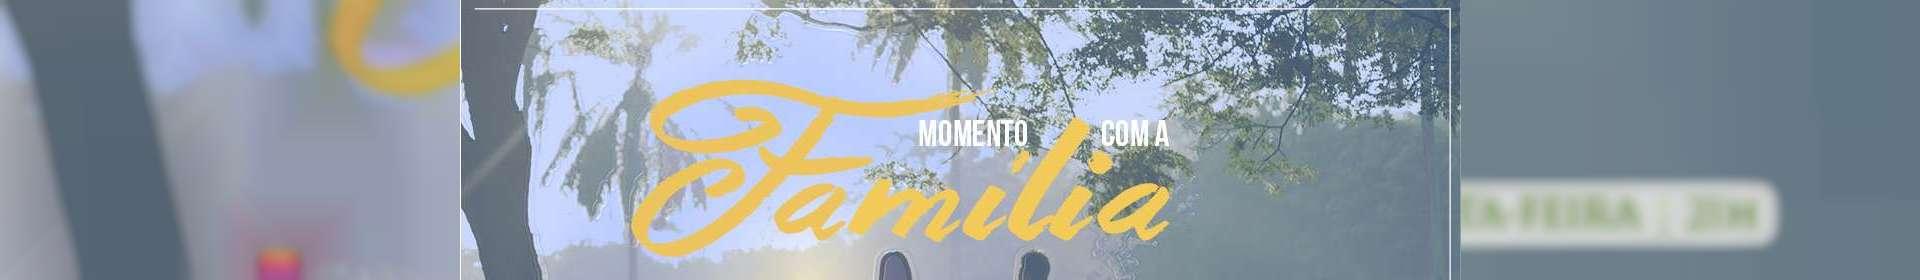 Programa Momento com a Família - 24/05/2019